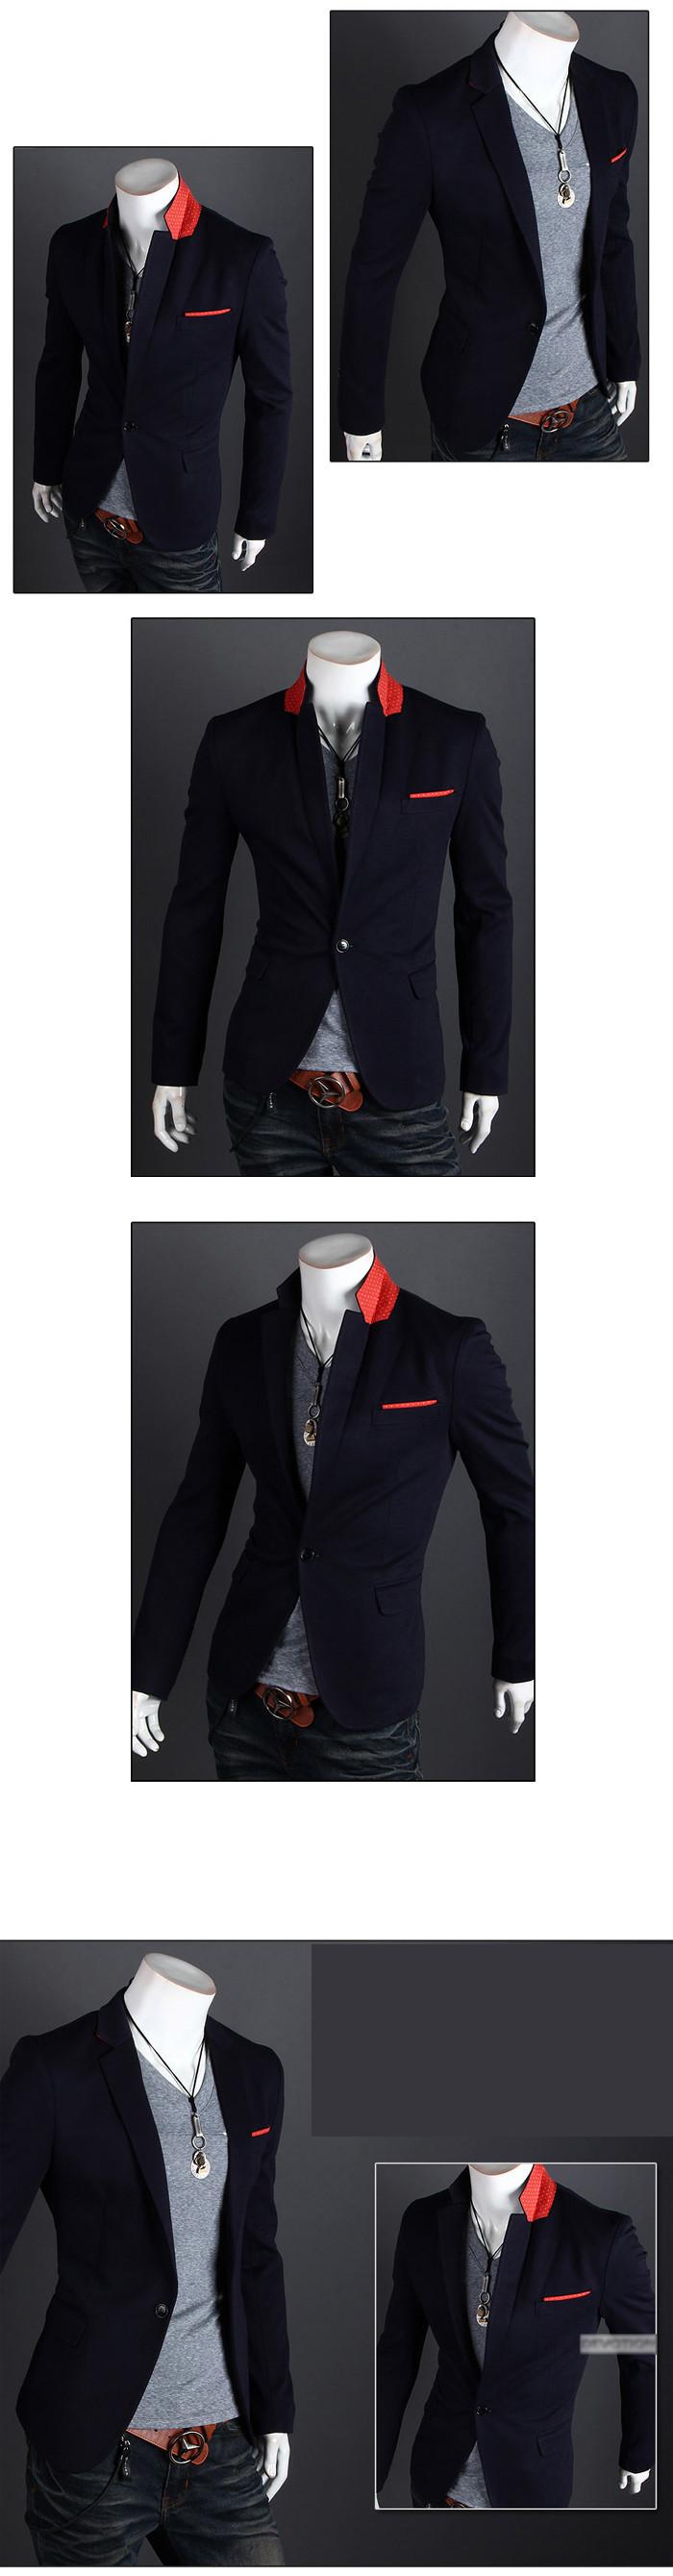 2015 новое поступление пиджак мужчин пиджаках свободного покроя Jaqueta Masculino slim-подходят мужские лоскутные пиджаки 4 цветов Большой размер BS2014010